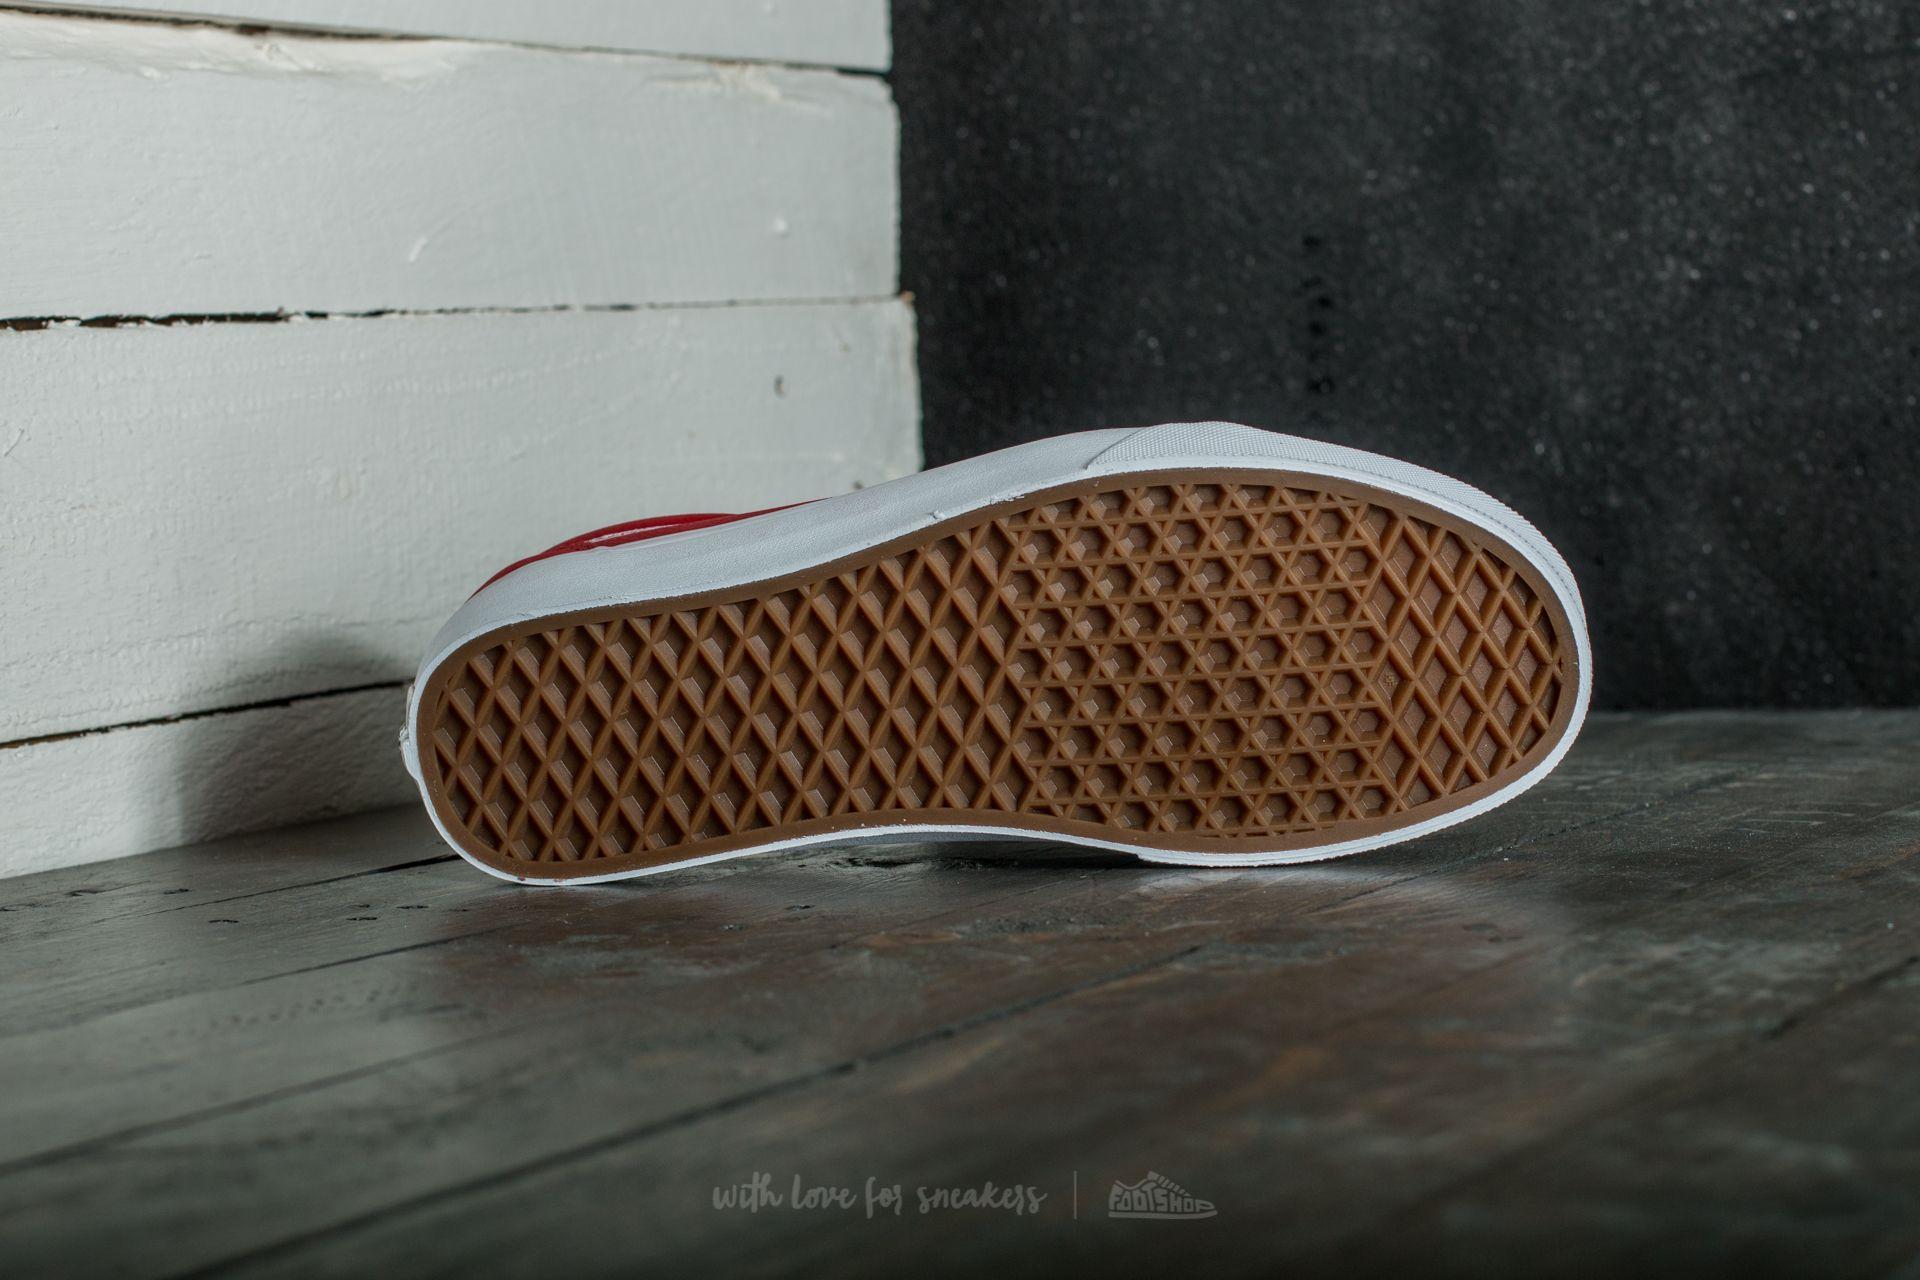 Vans Old Skool (Premium Leather) Racing Red True White | Footshop